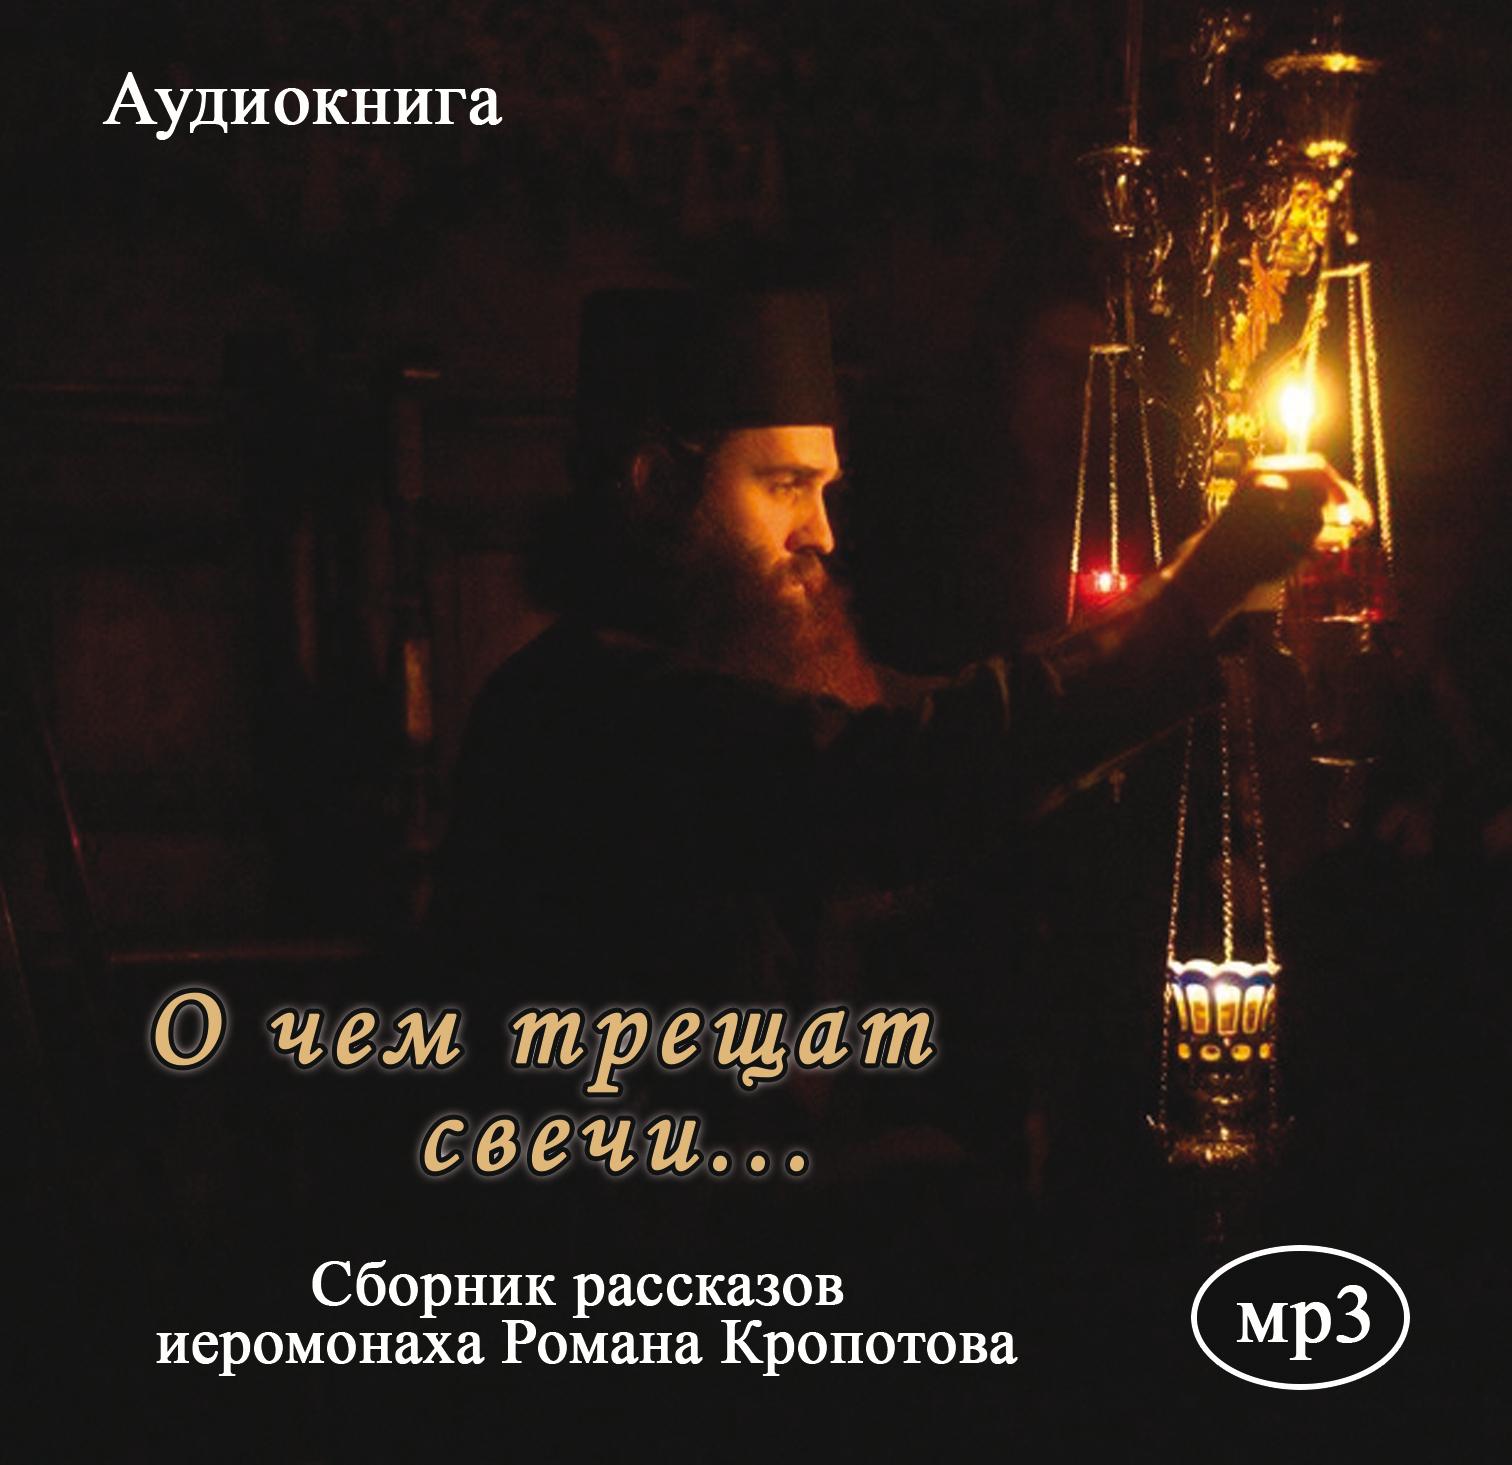 О чем трещат свечи